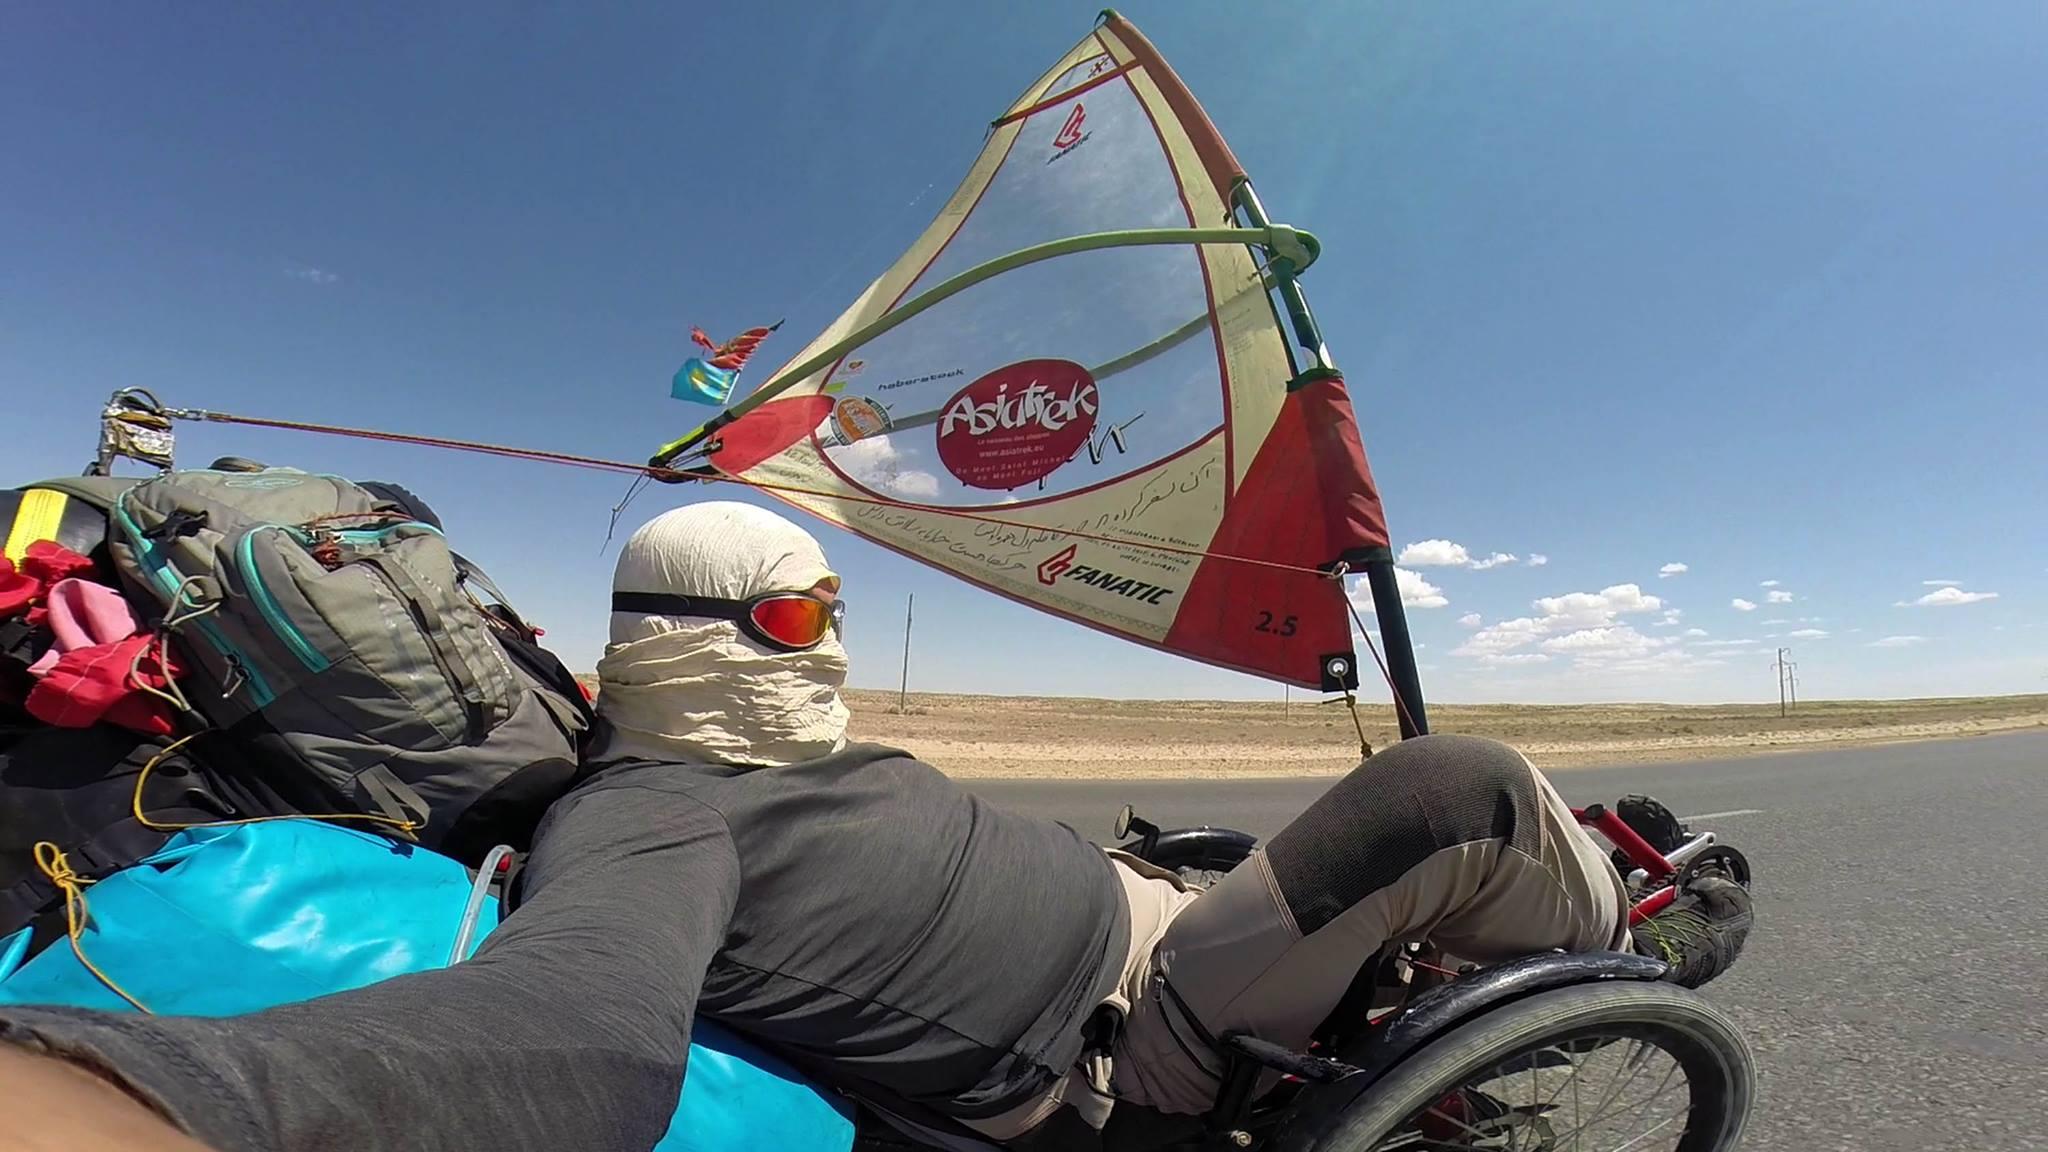 Asie à vélo à voile, le défi de Laurent Houssin